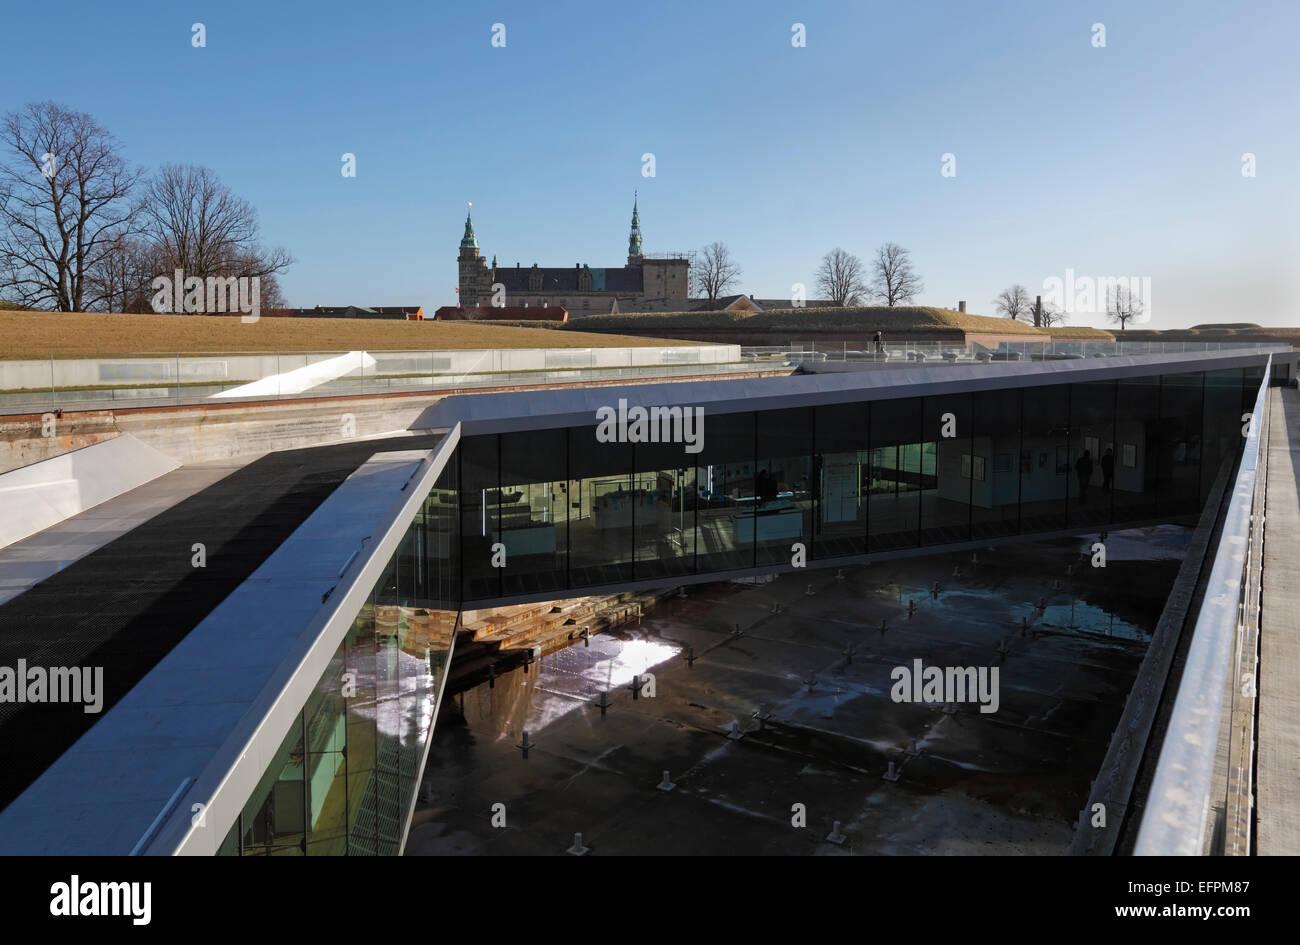 Danish Maritime Museum (M/S Museet for Søfart), Elsinore / Helsingør, Denmark. Architect Bjarke Ingels - Stock Image